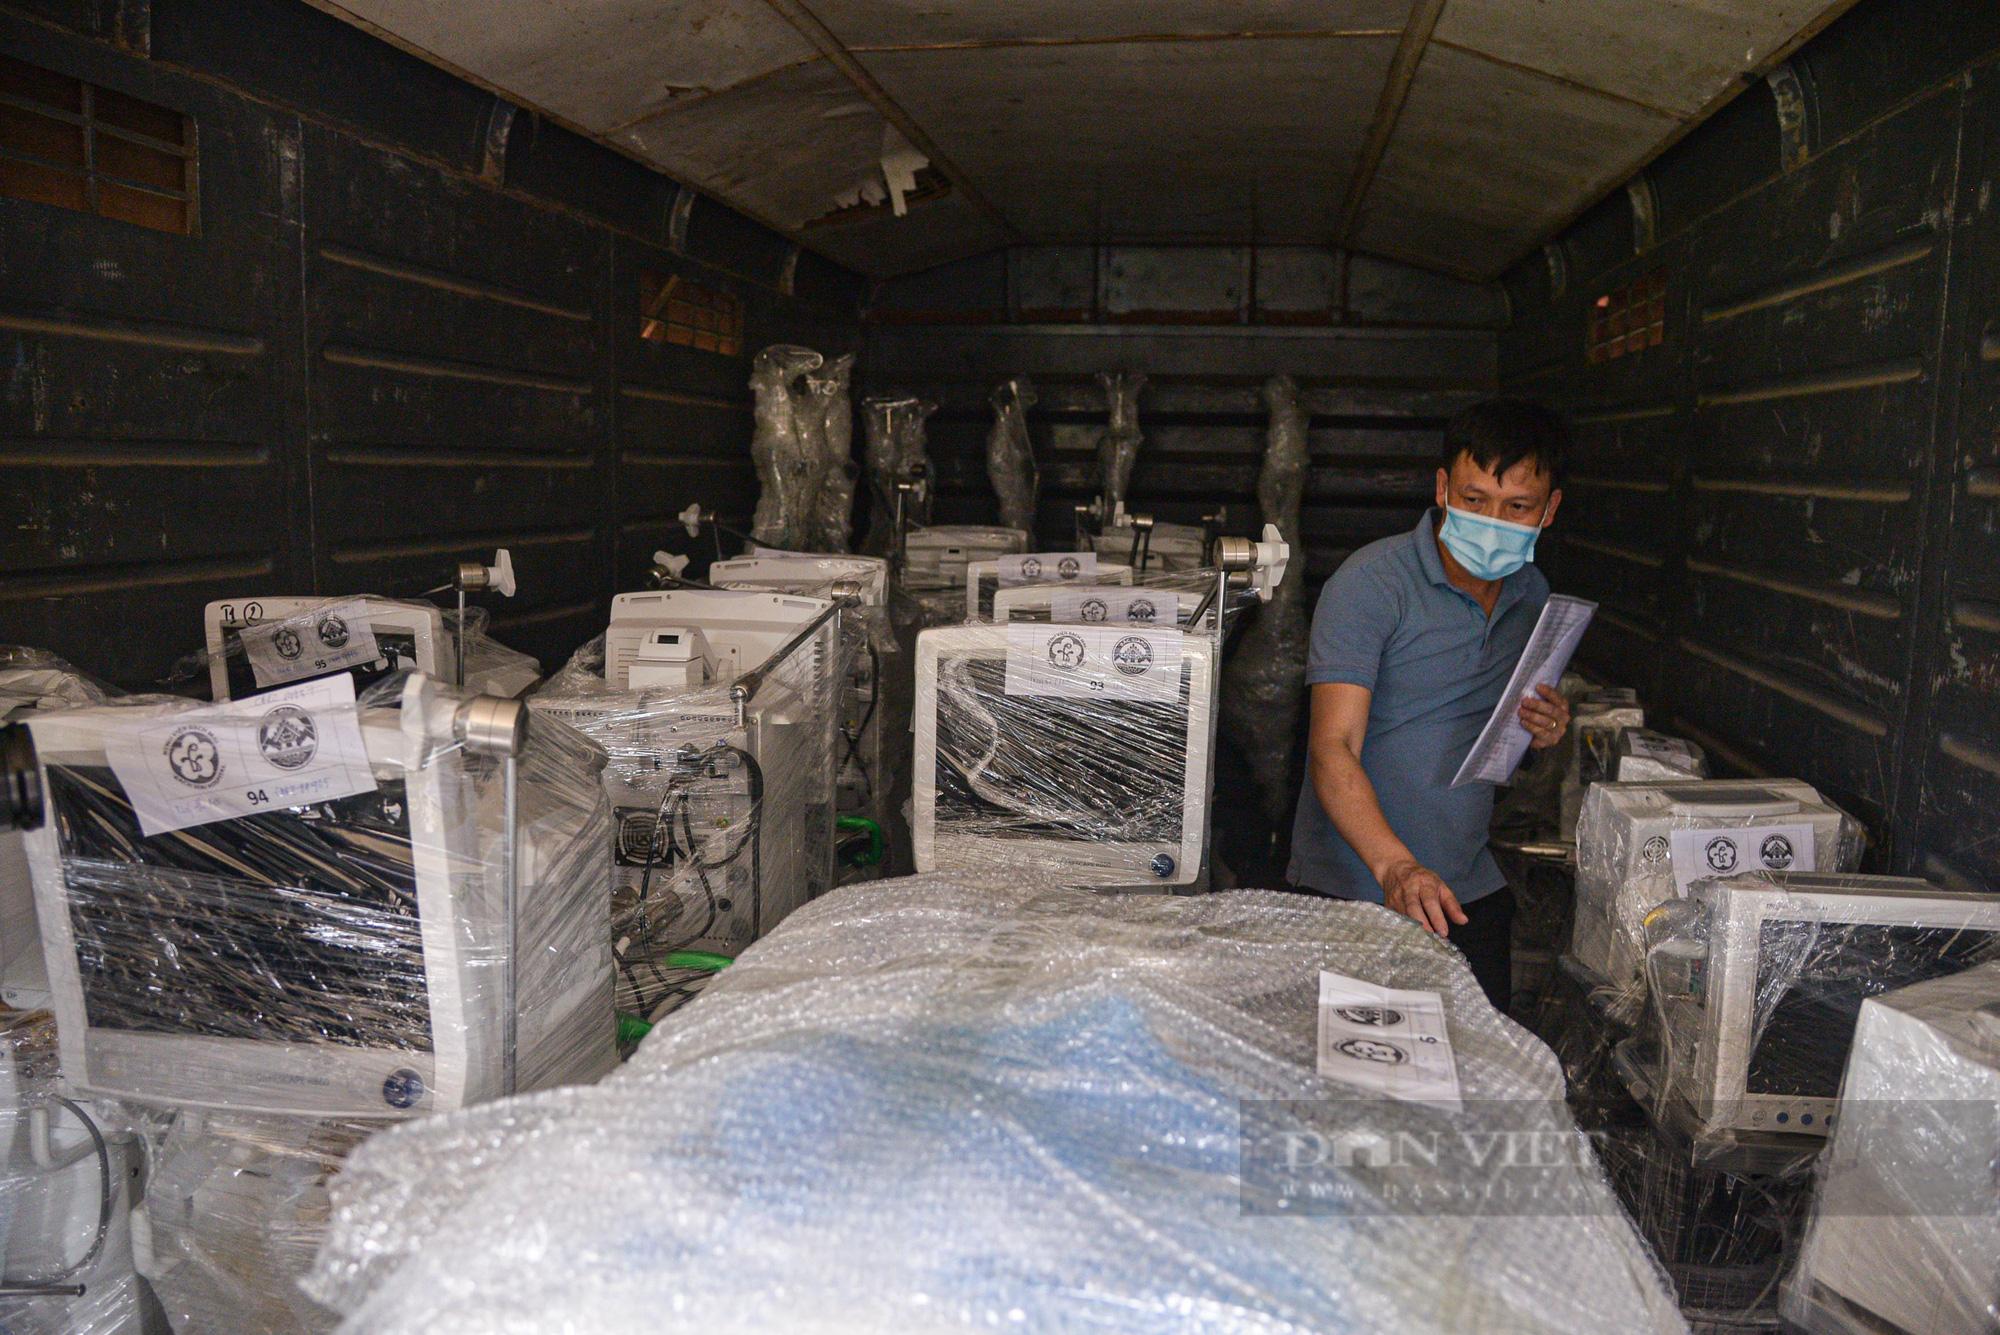 Cận cảnh chuyến tàu đặc biệt chở nhiều trang thiết bị y tế vào hỗ trợ Tp. Hồ Chí Minh  - Ảnh 2.